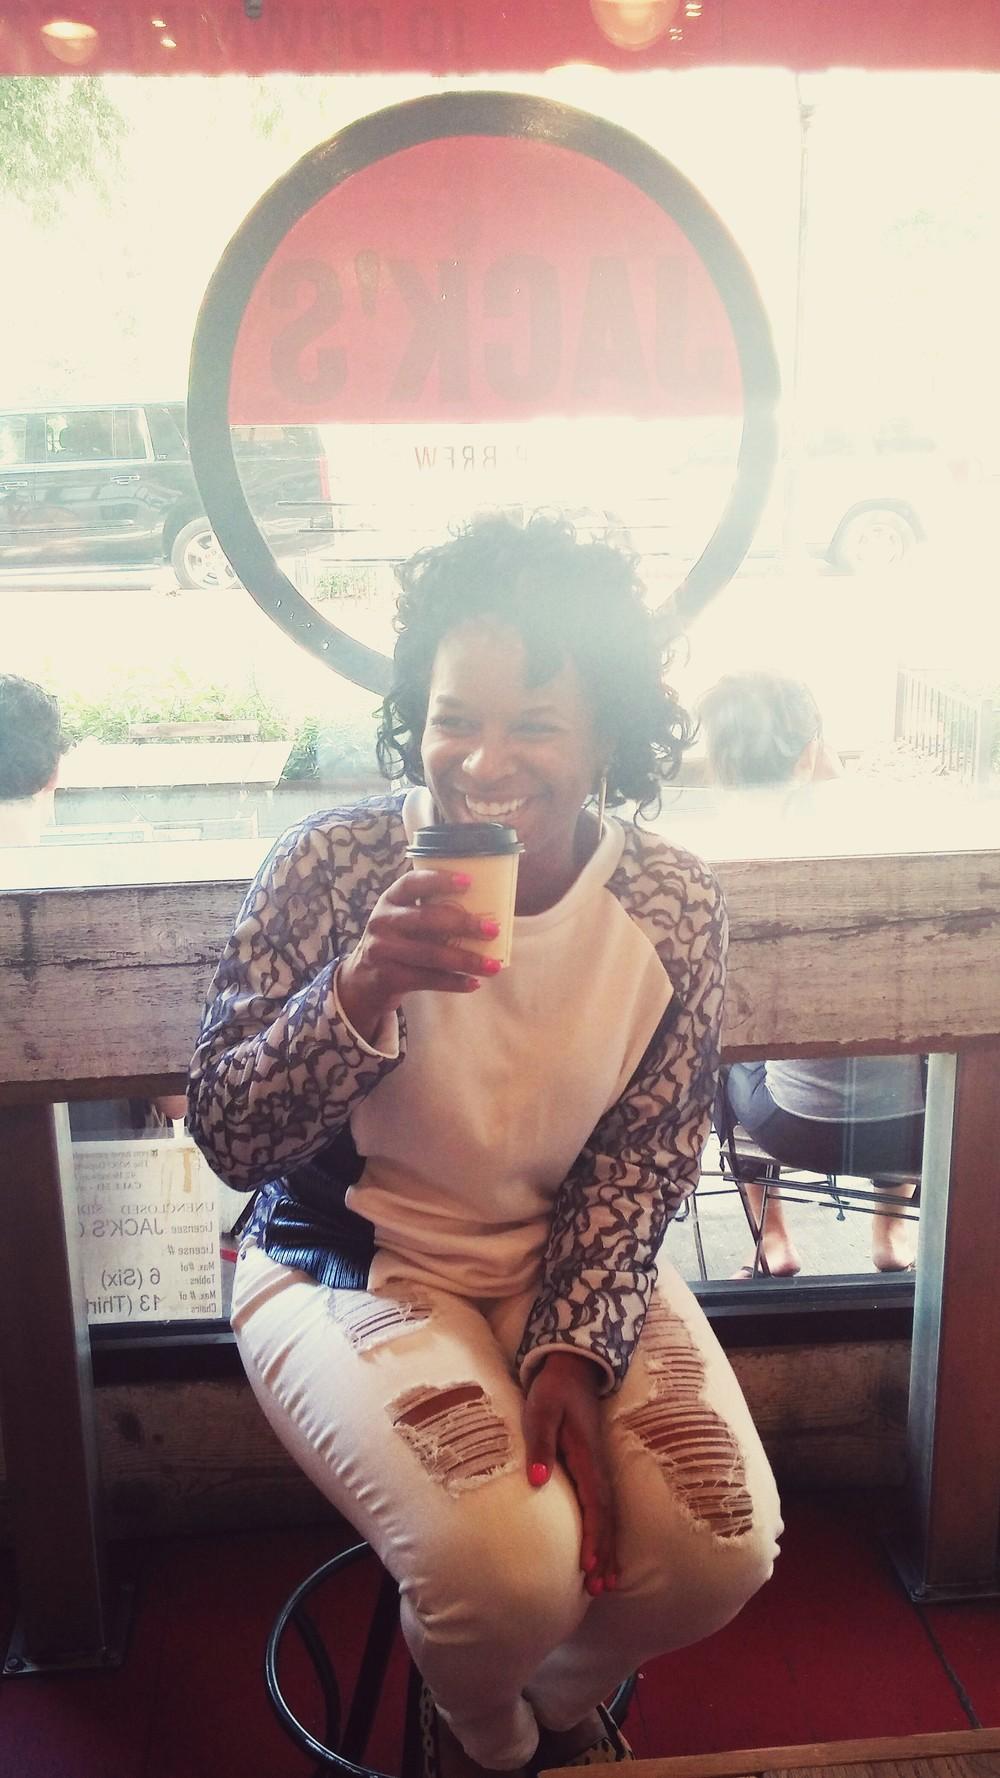 Enjoying stirbrew coffee at Jack's Stirbrew Coffee  Sweatshirt -DIY